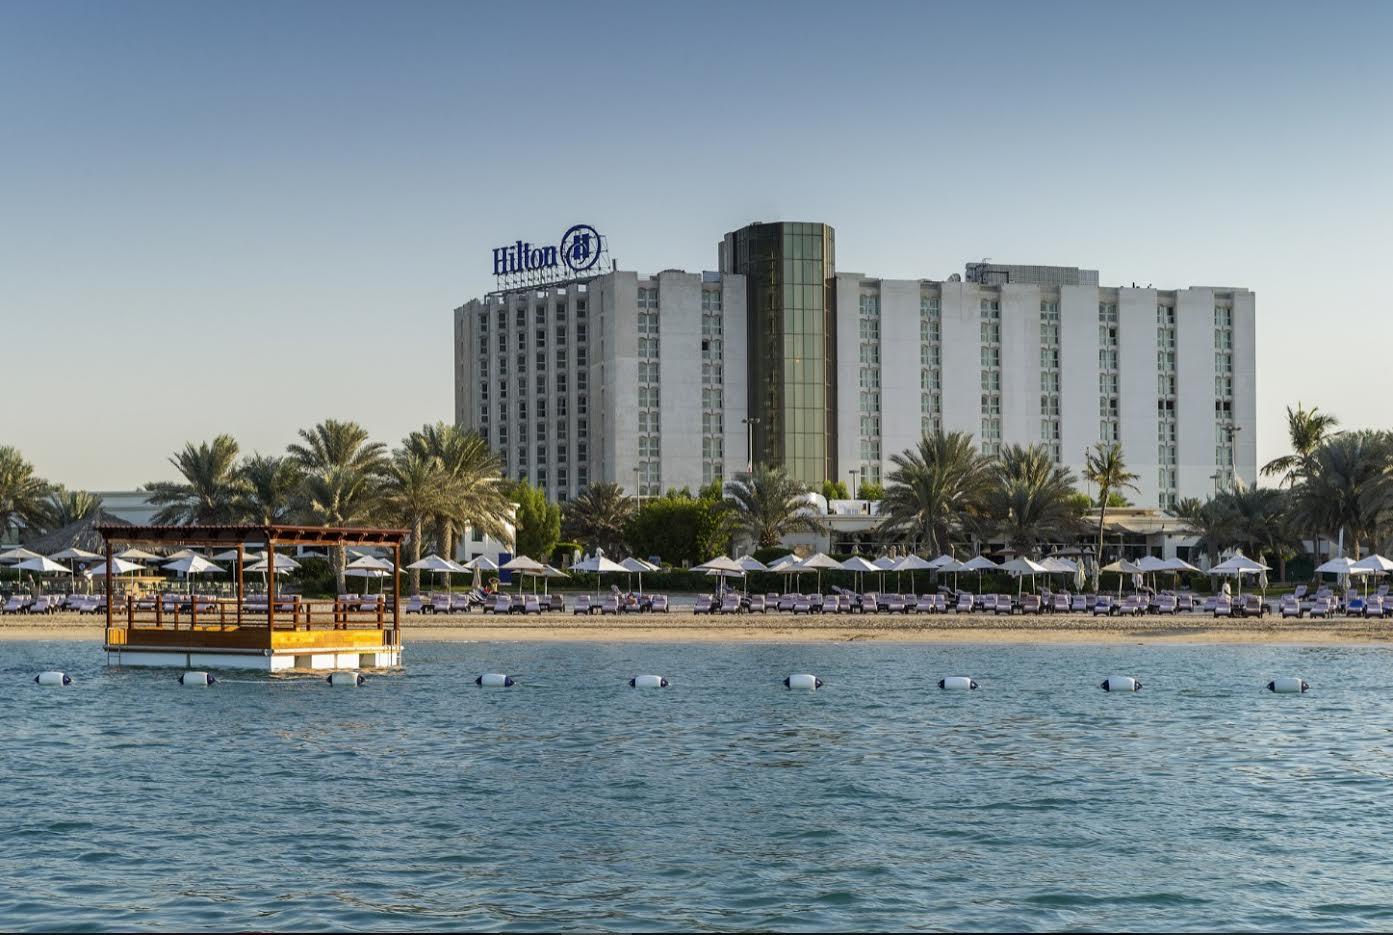 فندق هيلتون أبوظبي يشهد أعمال تجديد في مختلف مرافقه